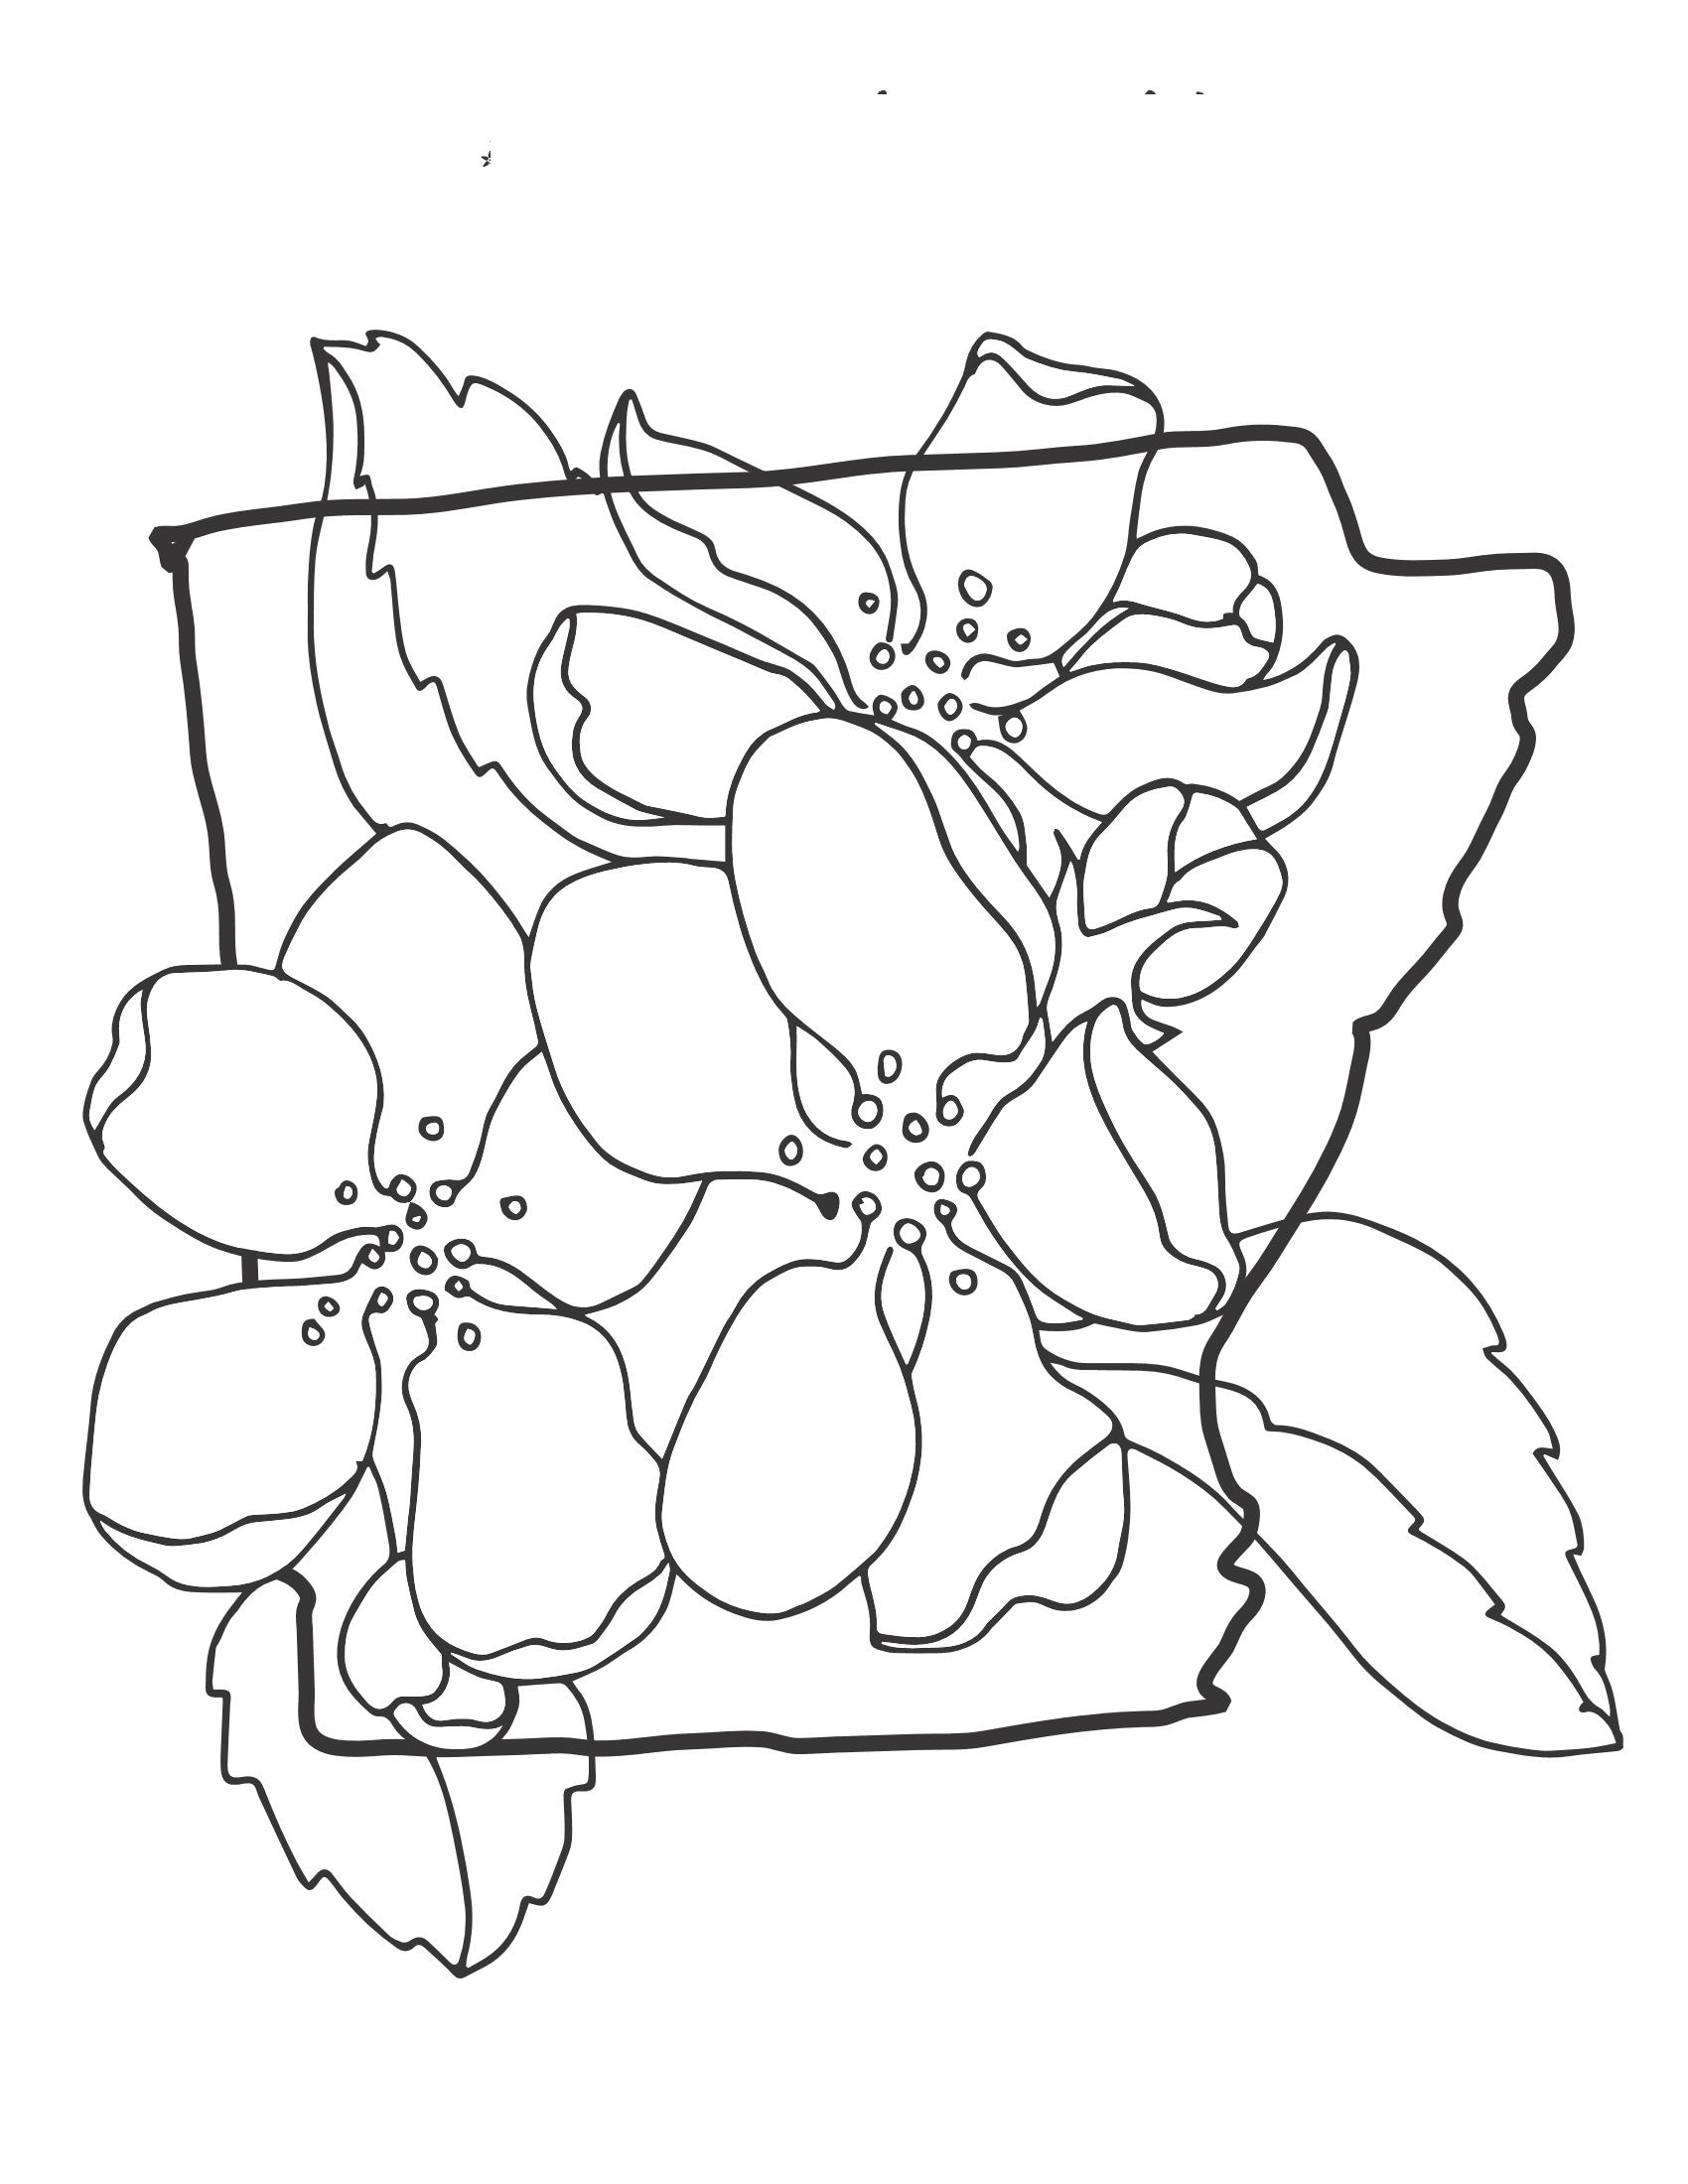 Tranh tô màu hoa mai đẹp, đơn giản